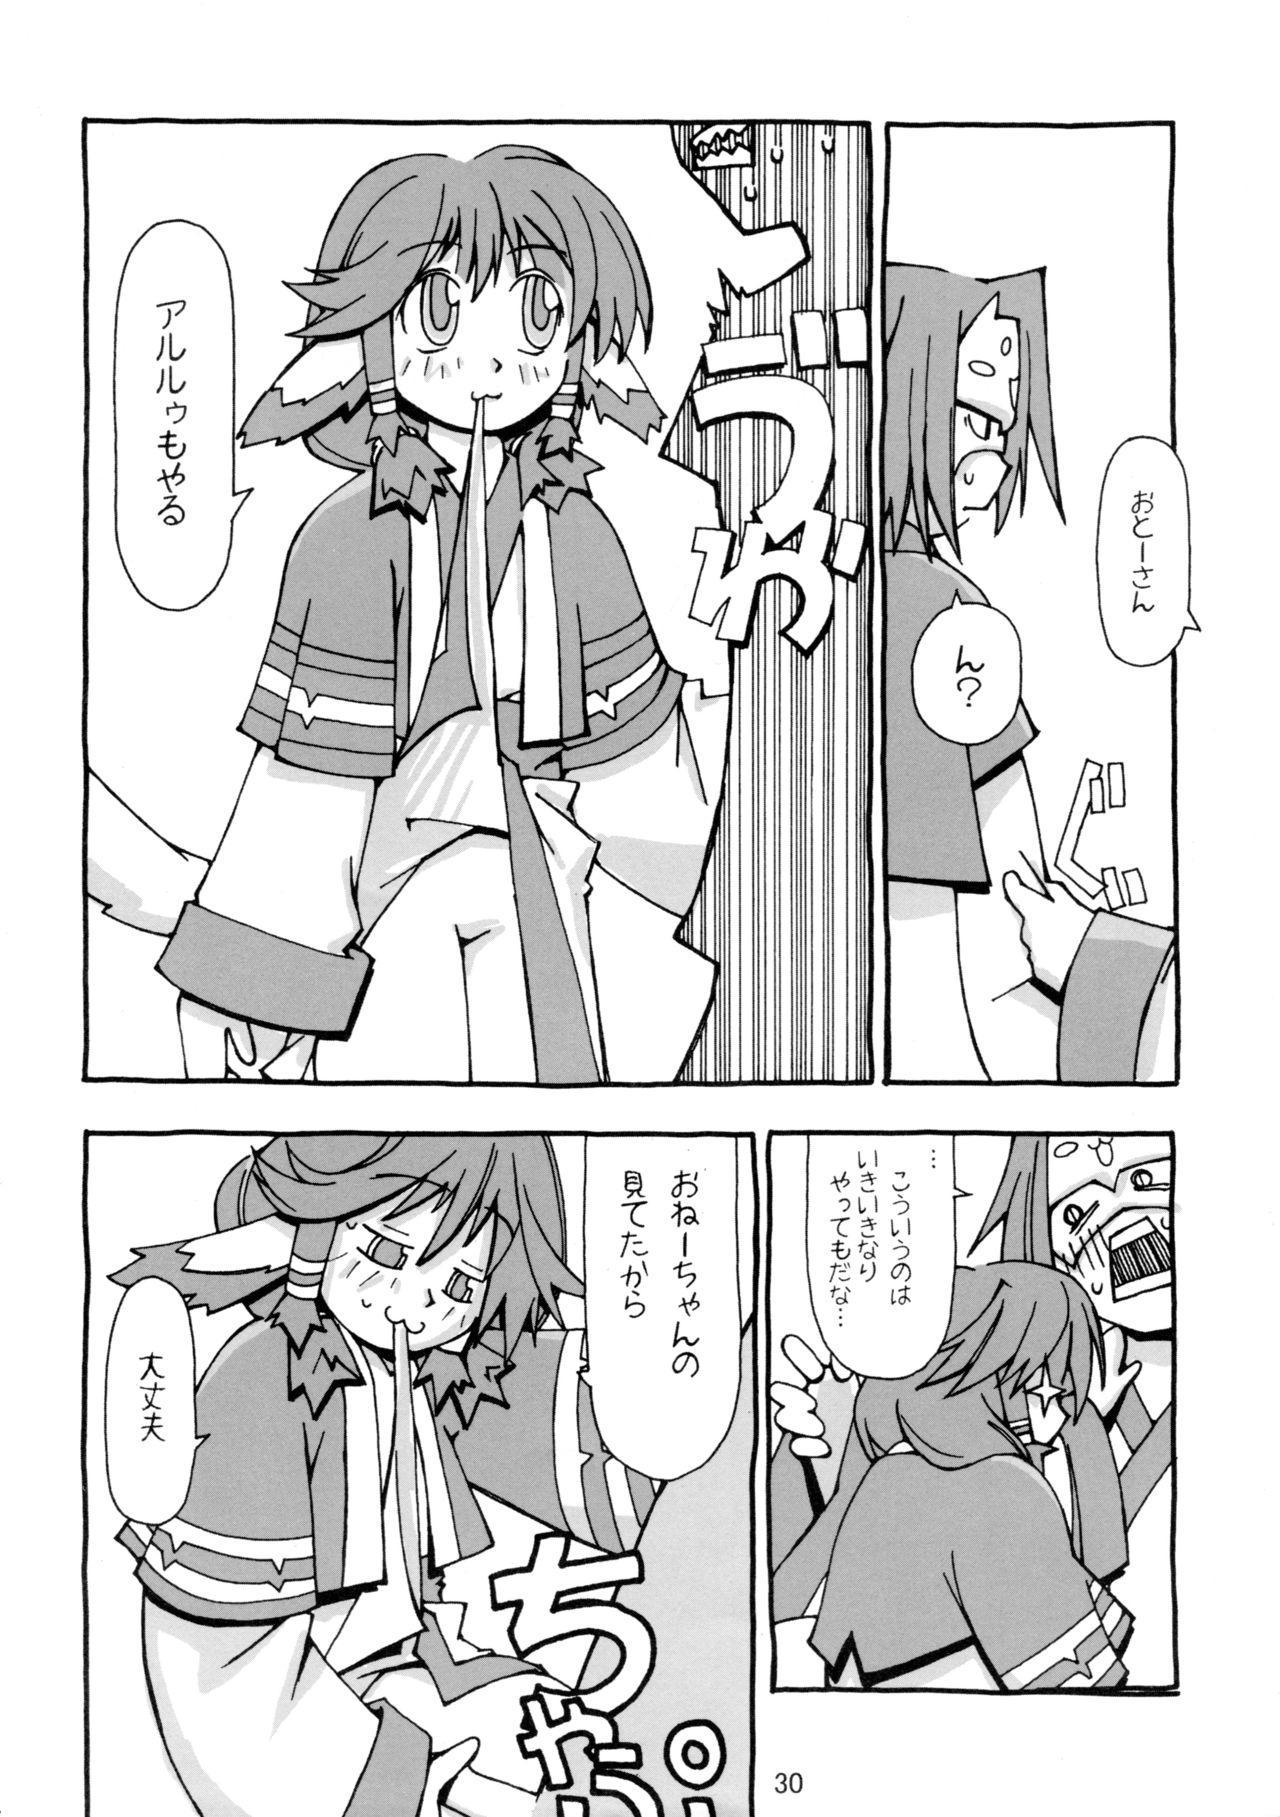 Hachimitsu 31